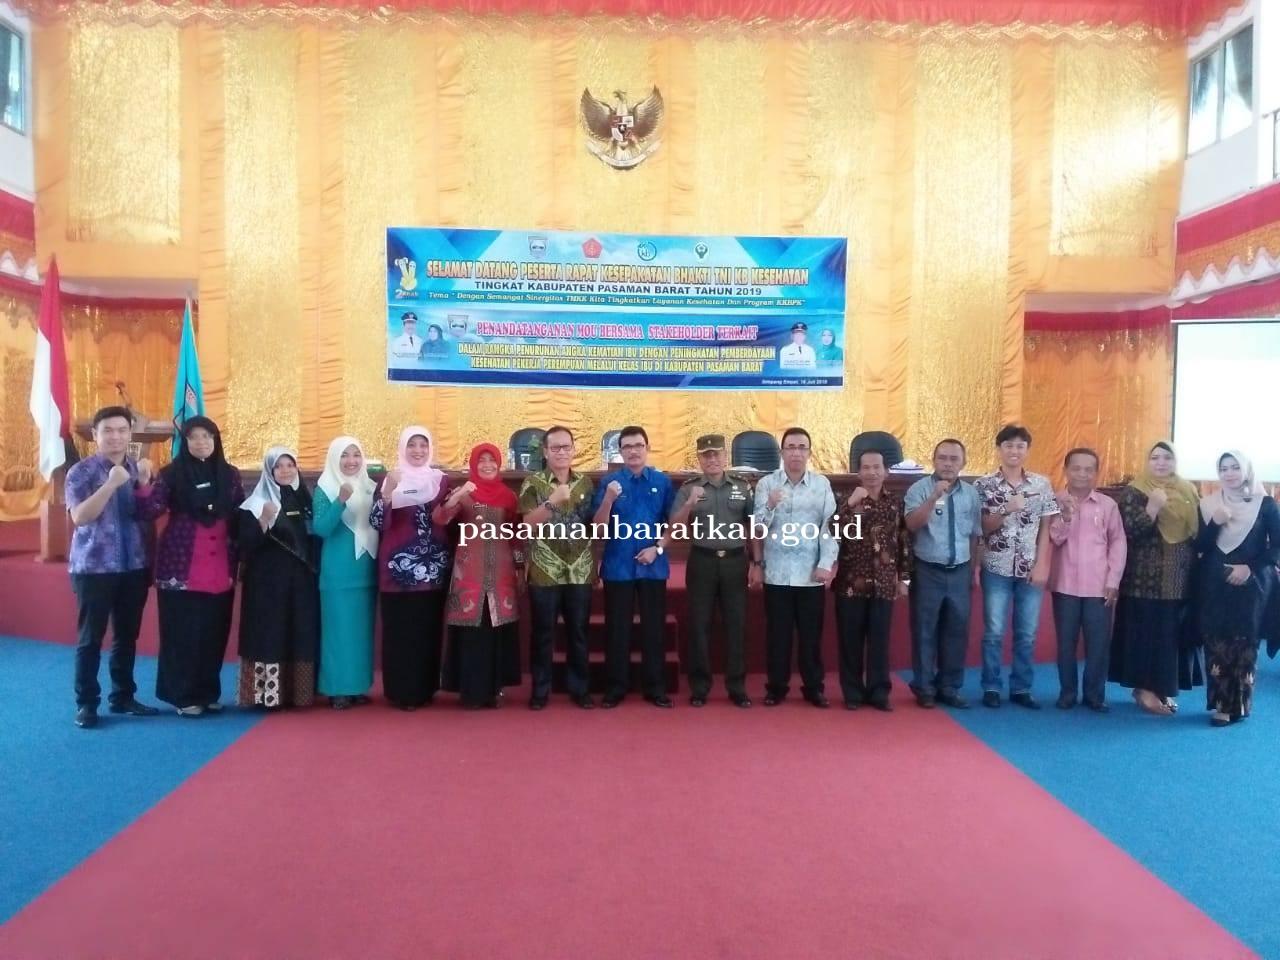 Pemerintah Daerah Kabupaten Pasaman Barat Mengadakan Rapat Kesepakatan Bhakti TNI KB Kesehatan.